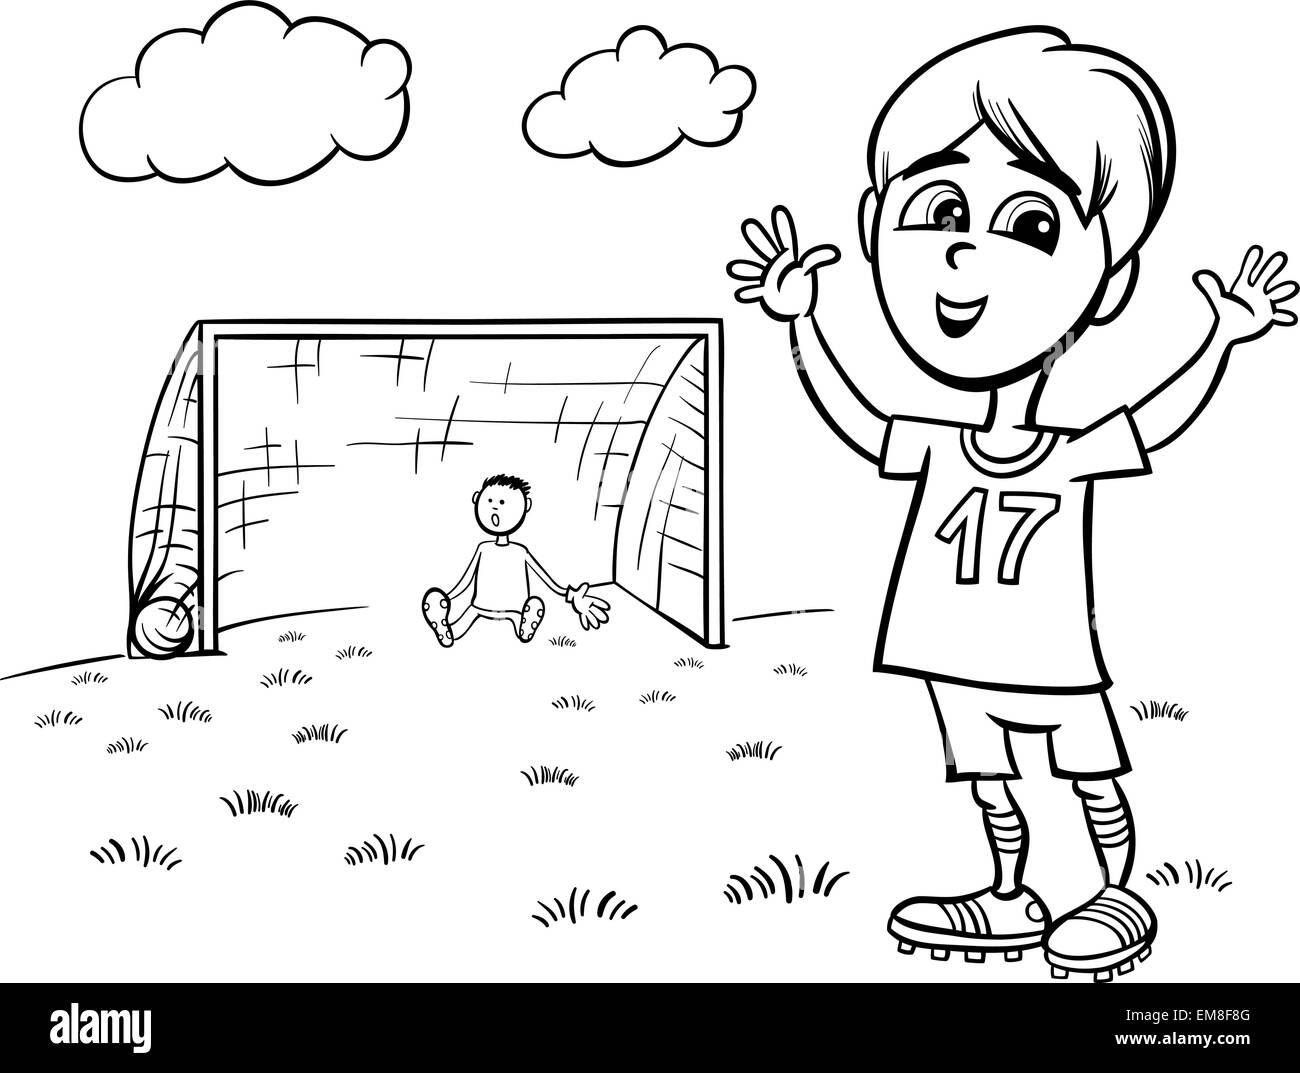 Fein Fußball Malvorlagen Zeitgenössisch - Beispiel Business ...